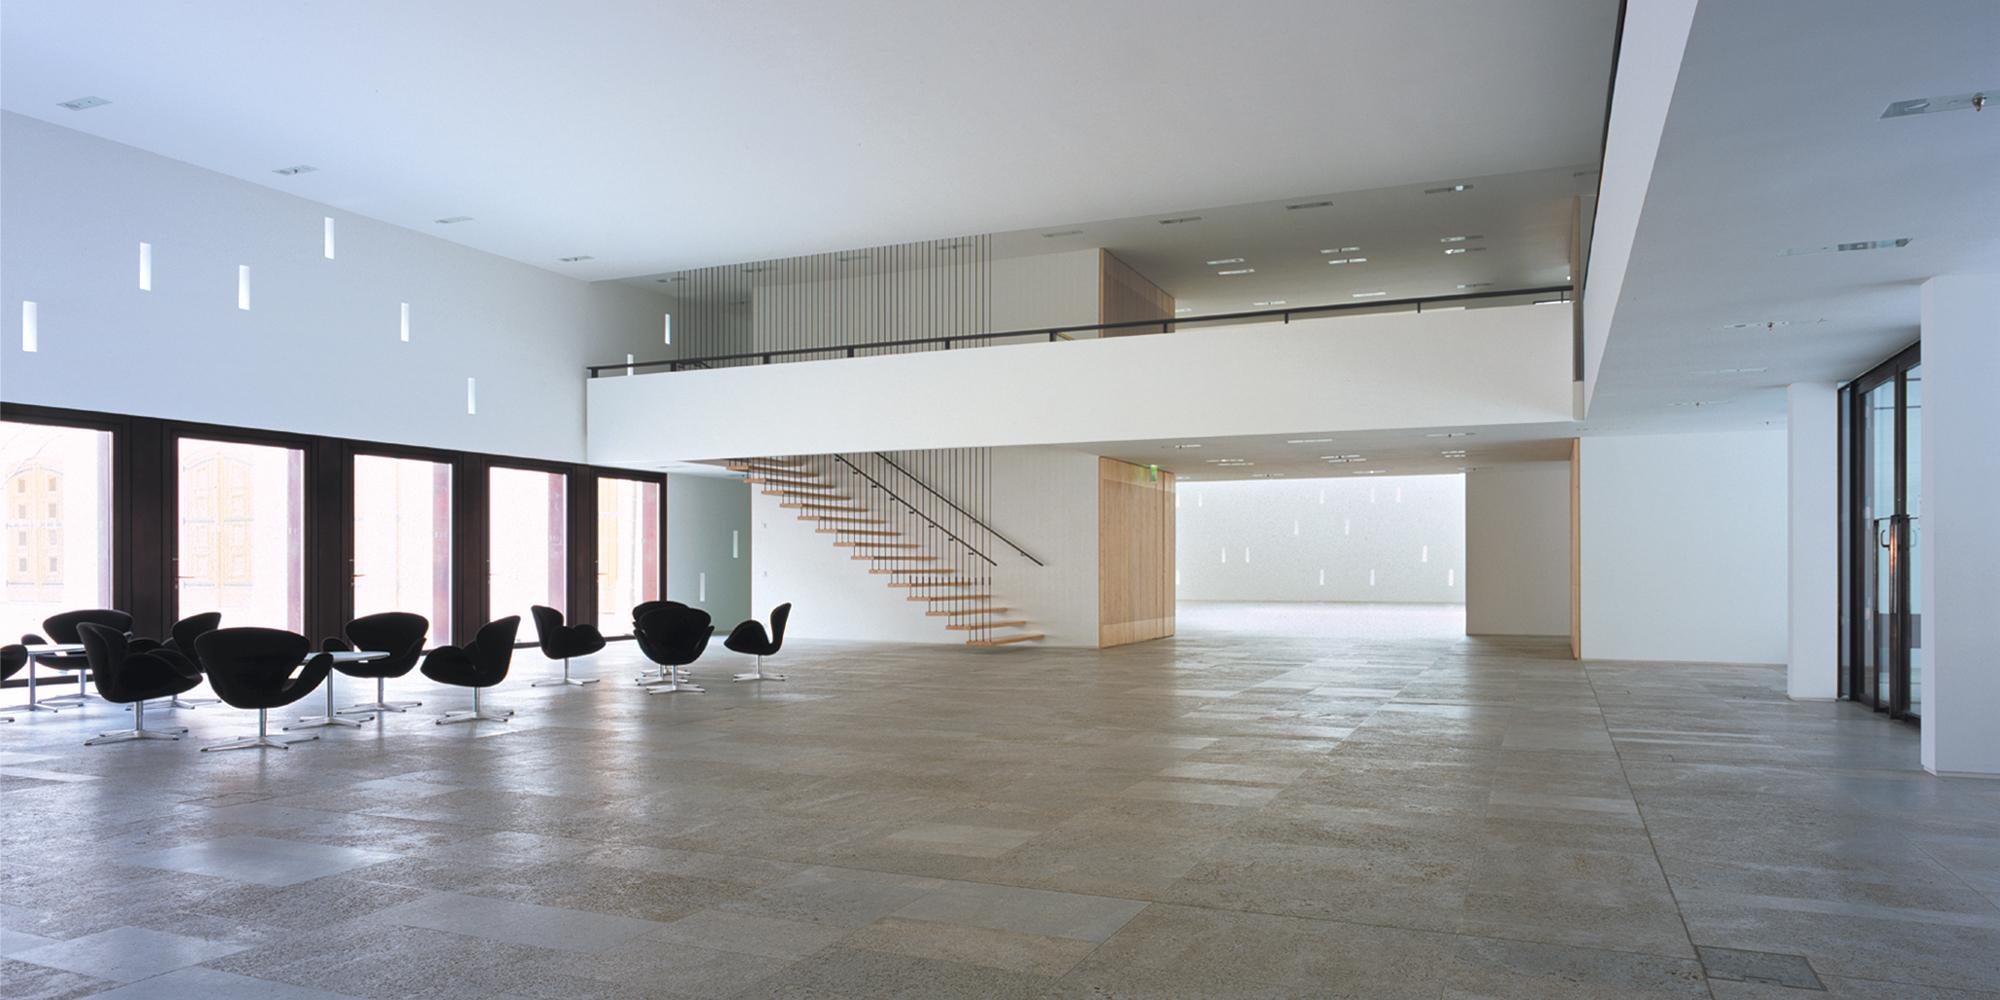 Hessischer Landtag - Foyer